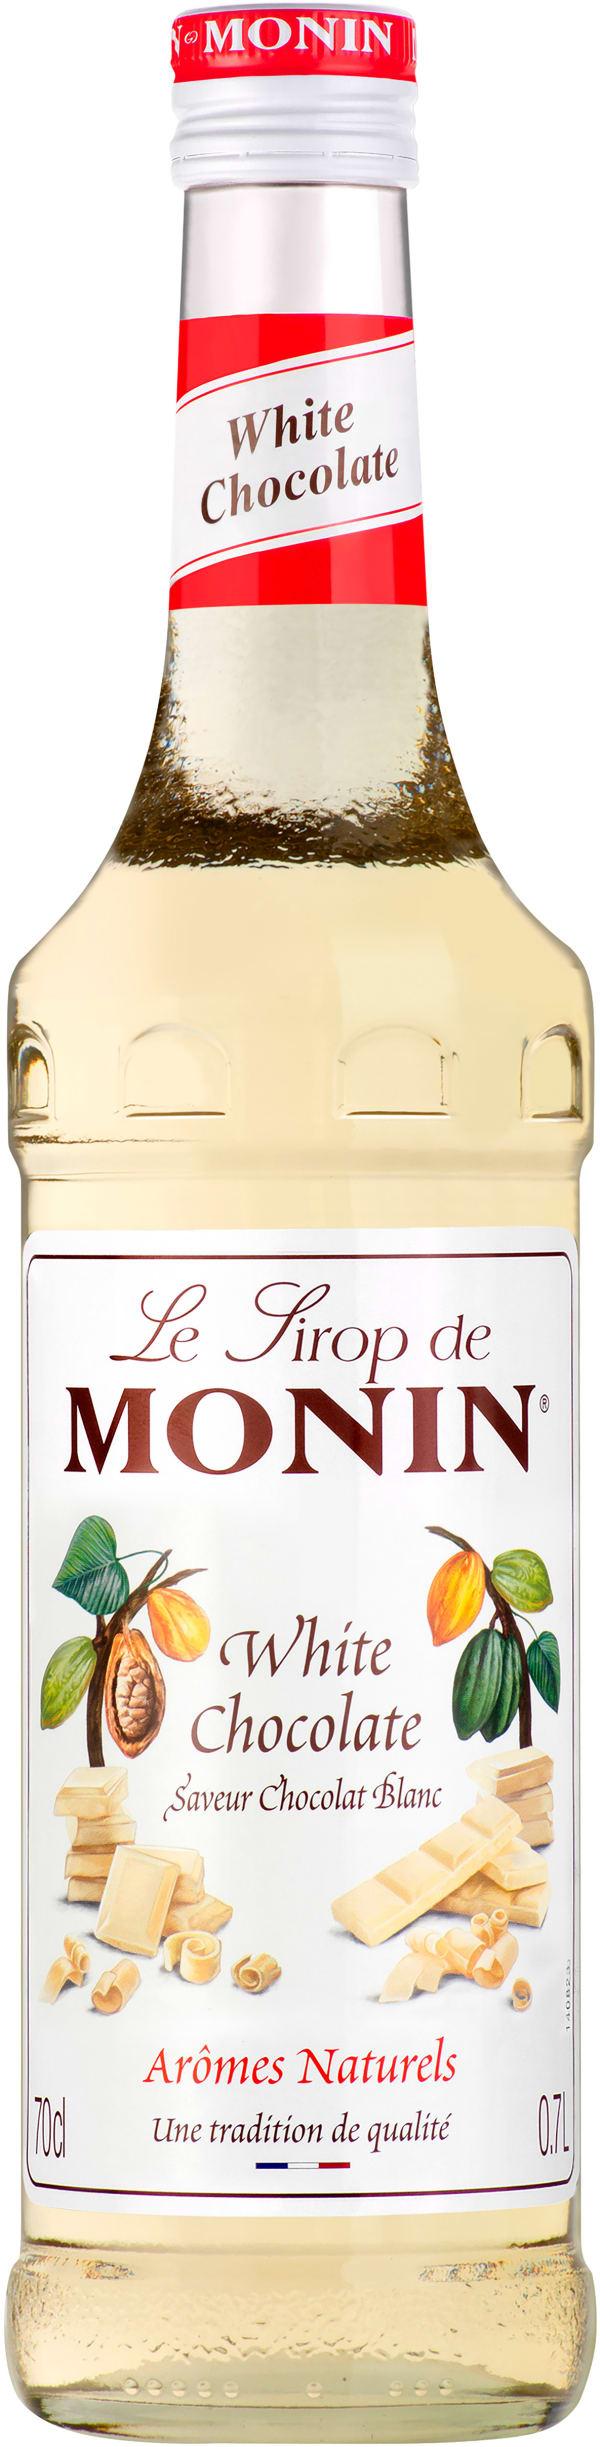 Le Sirop de Monin White Chocolate